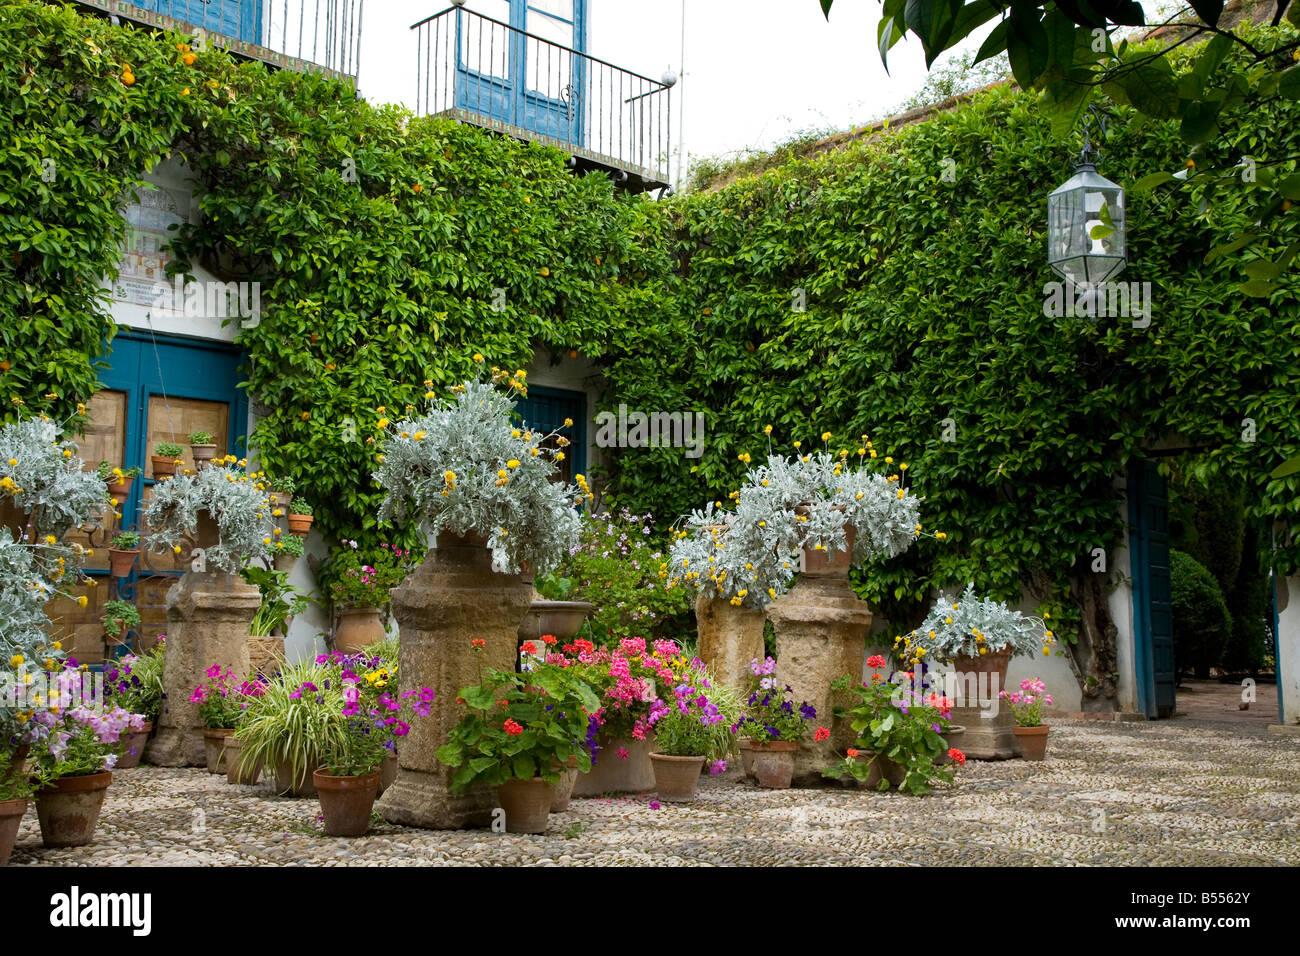 Vasi per piante in un giardino mediterraneo giardino parte for Giardino mediterraneo